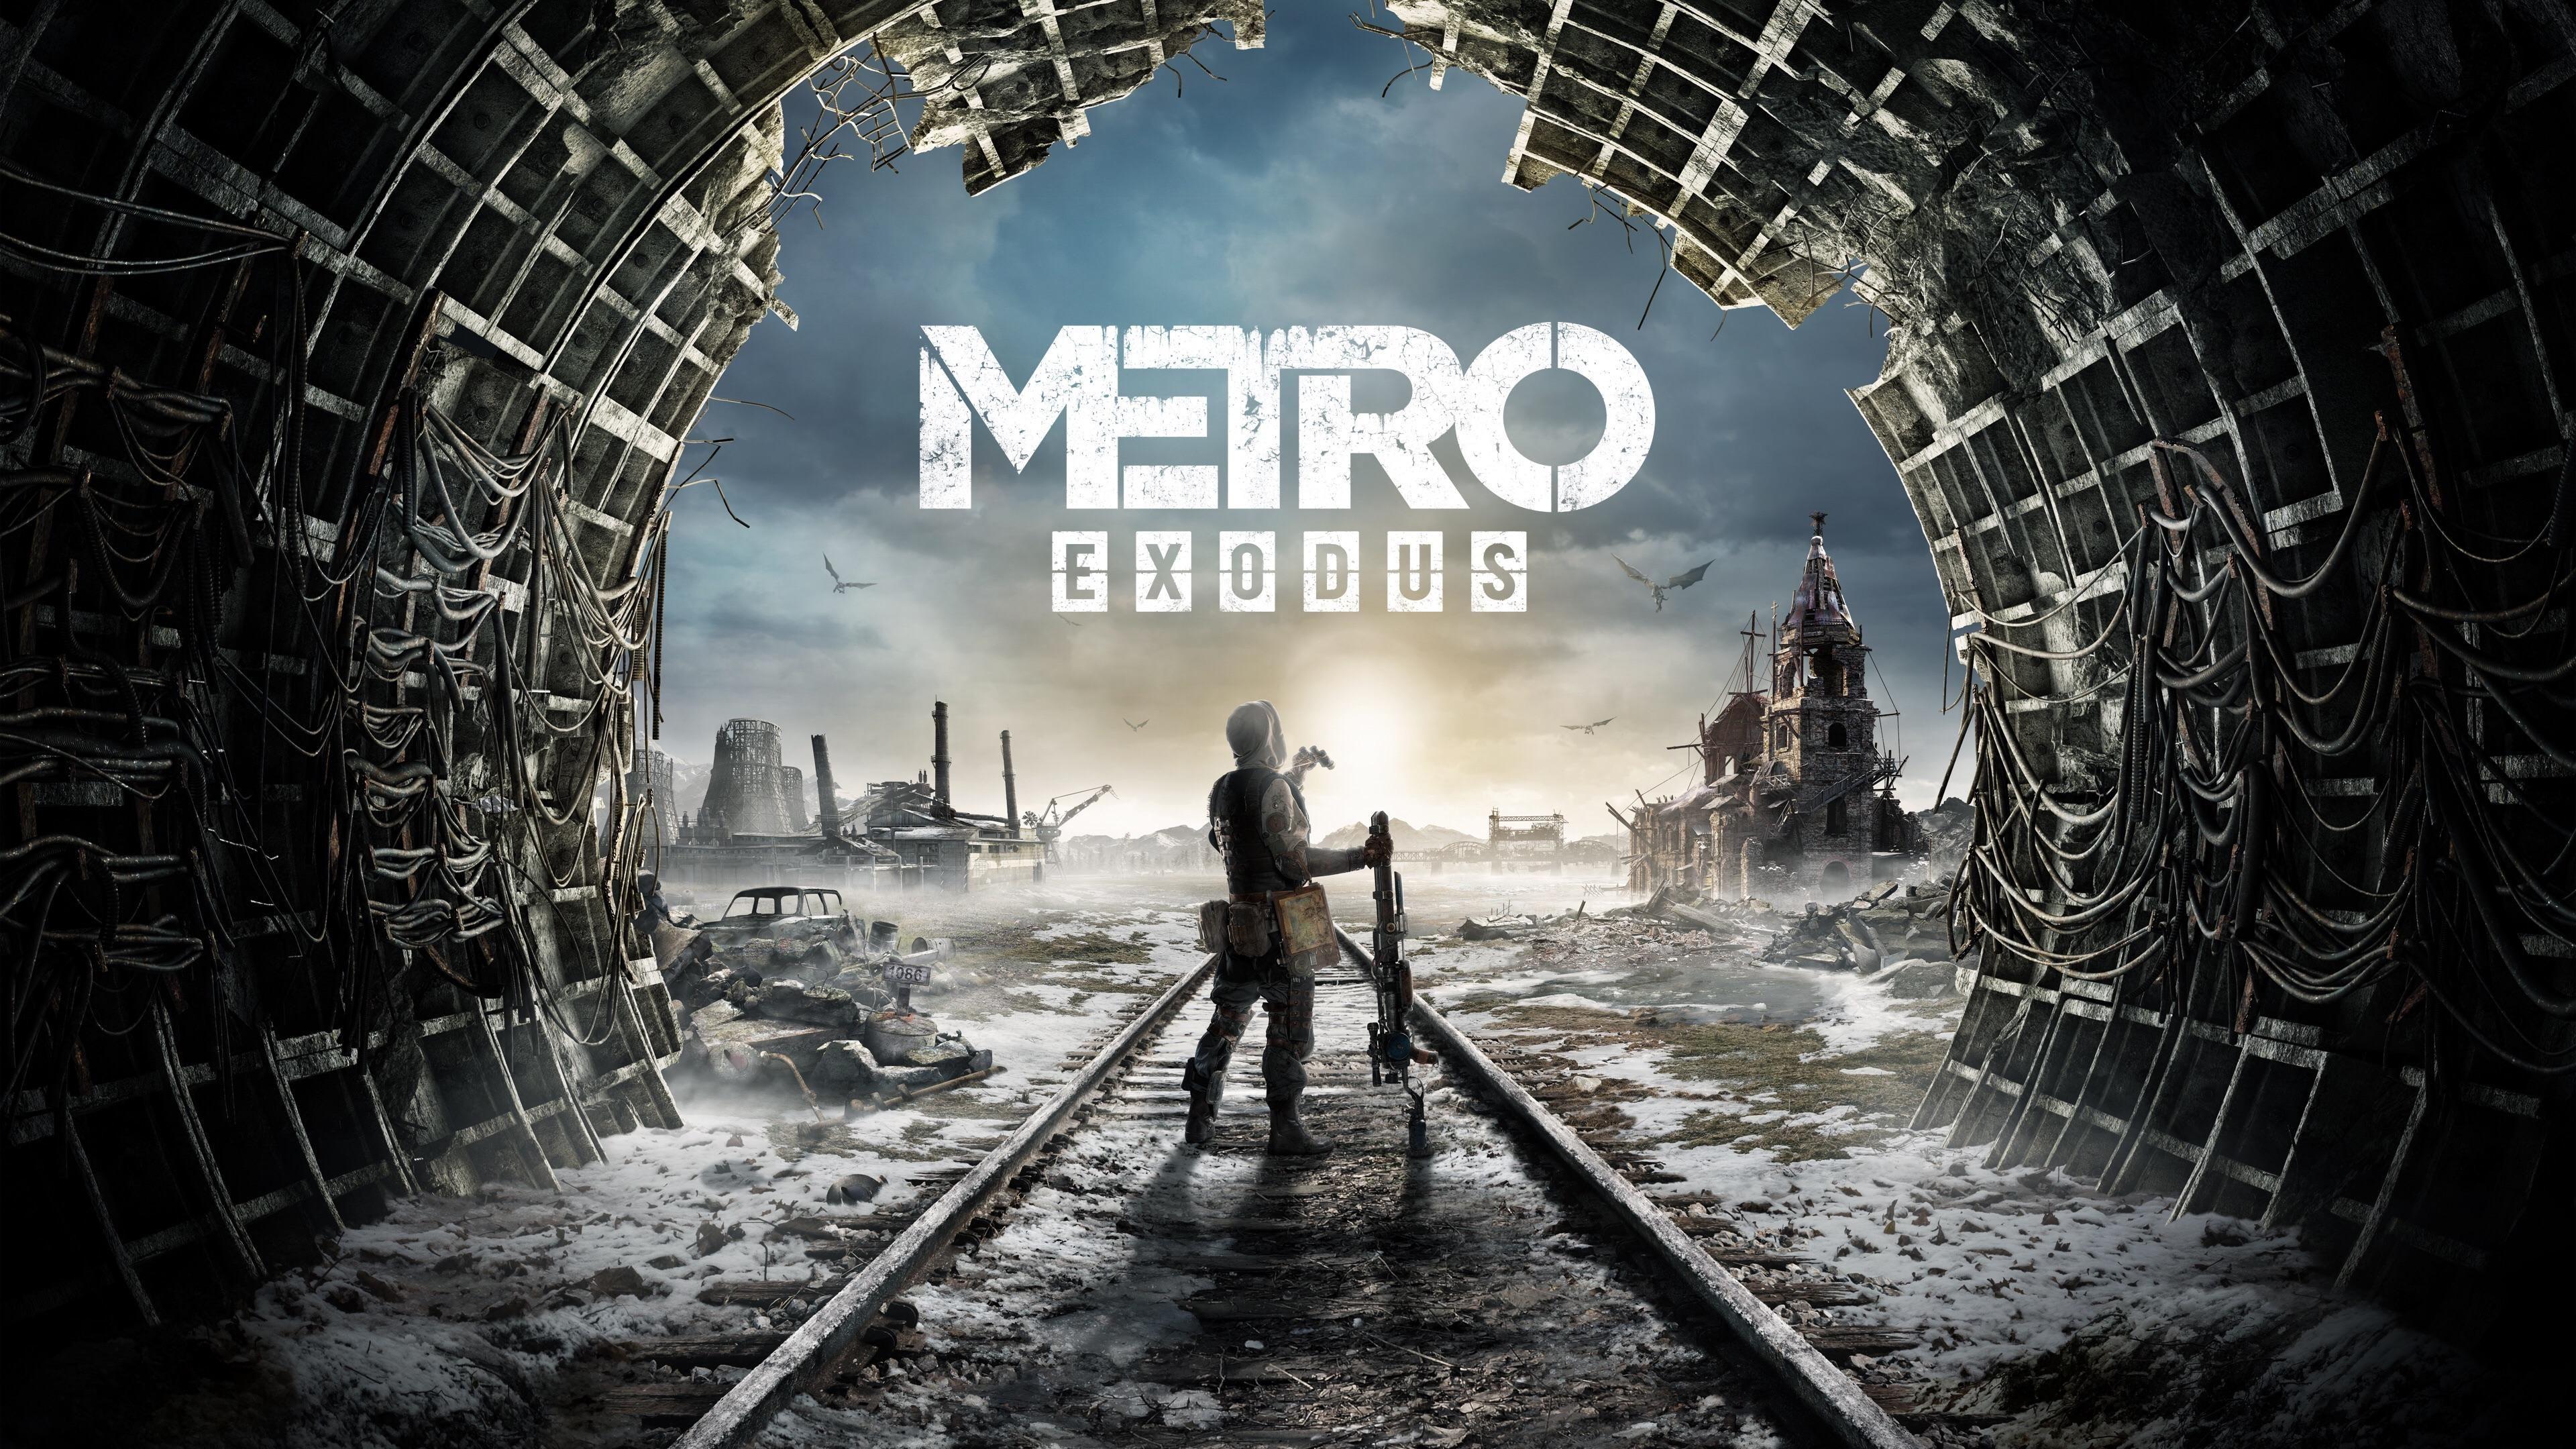 Metro Exodus 4k Wallpaper In 2019 Gaming Magazines Epic